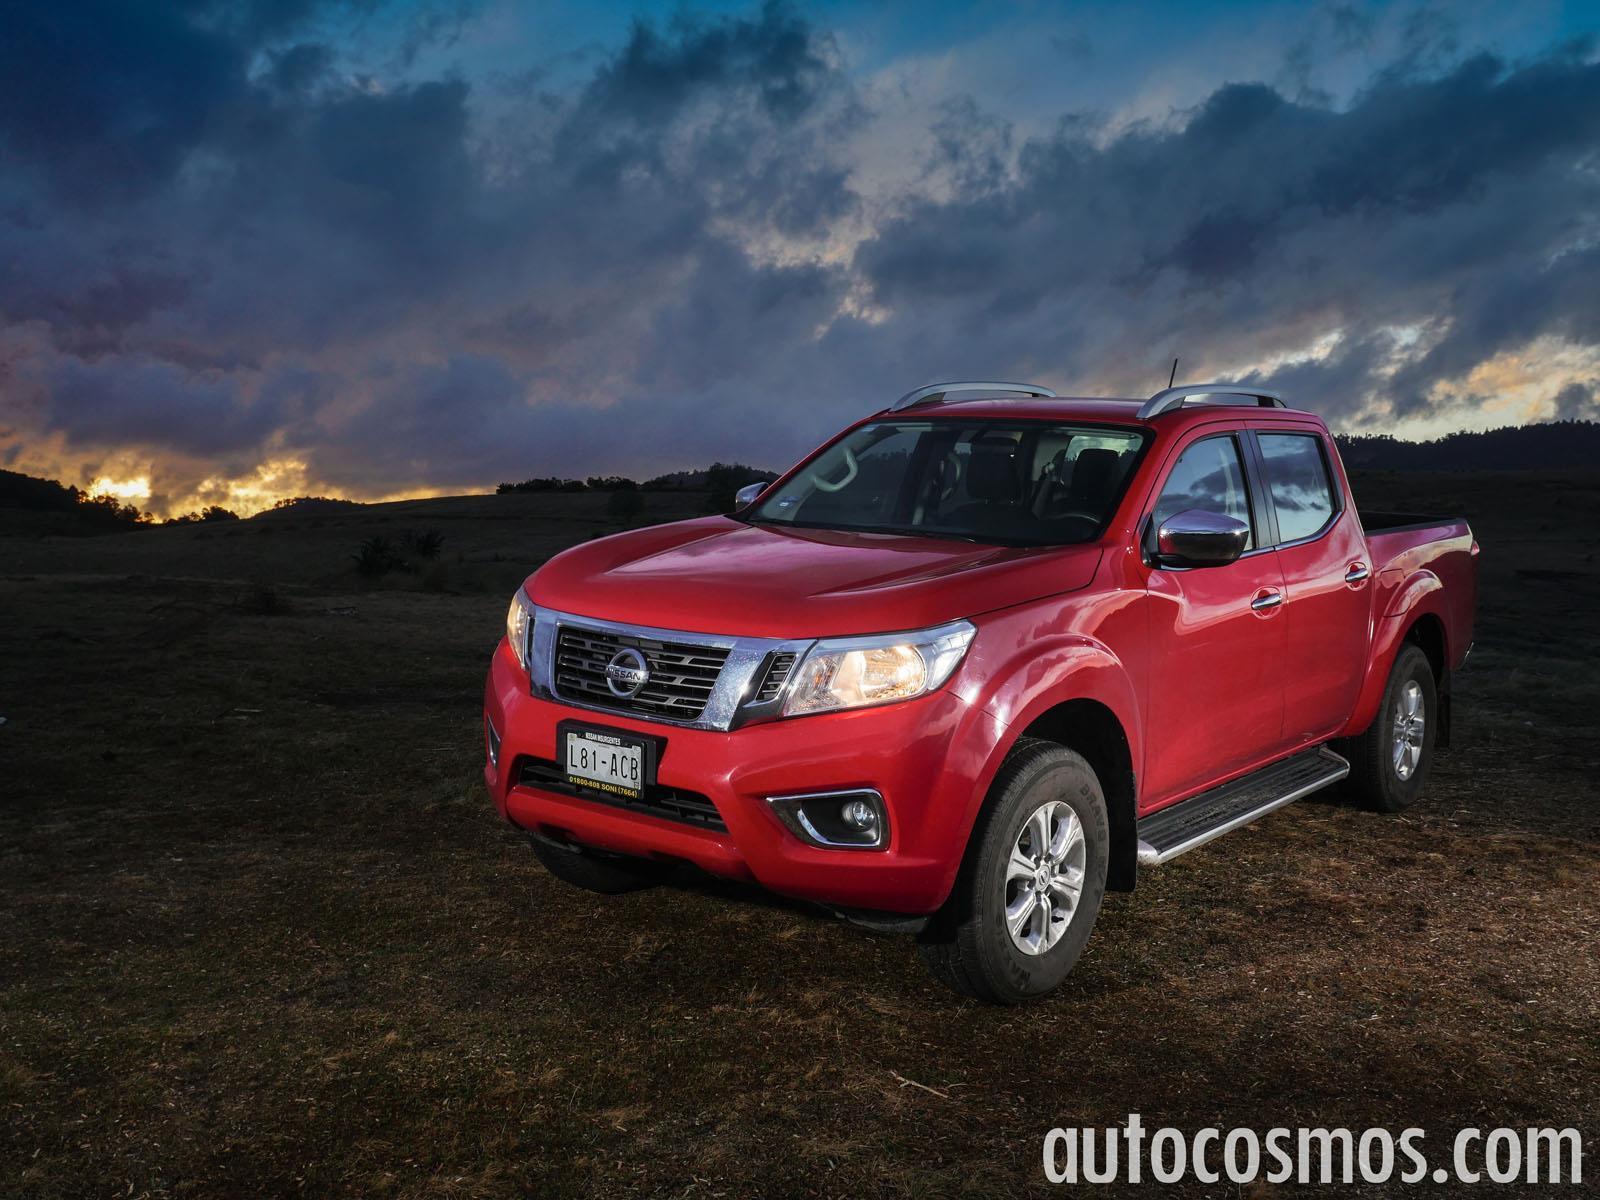 Comparativa: Nissan NP300 vs Toyota Hilux vs Mitsubishi ...